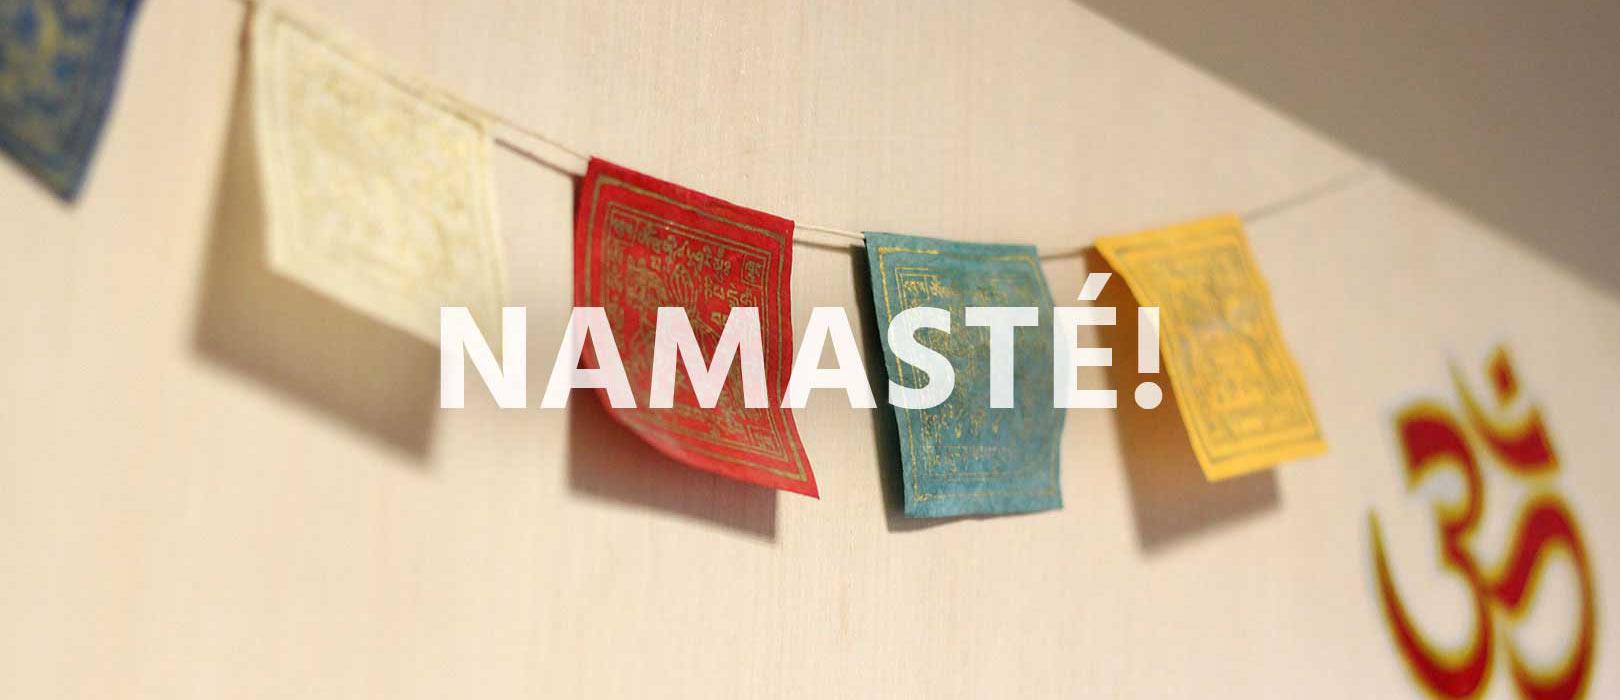 Die Wurzeln der AnPiMoMai beruhen auf Kenntnissen, die auch in der asiatischen Medizin häufig Anwendung finden.